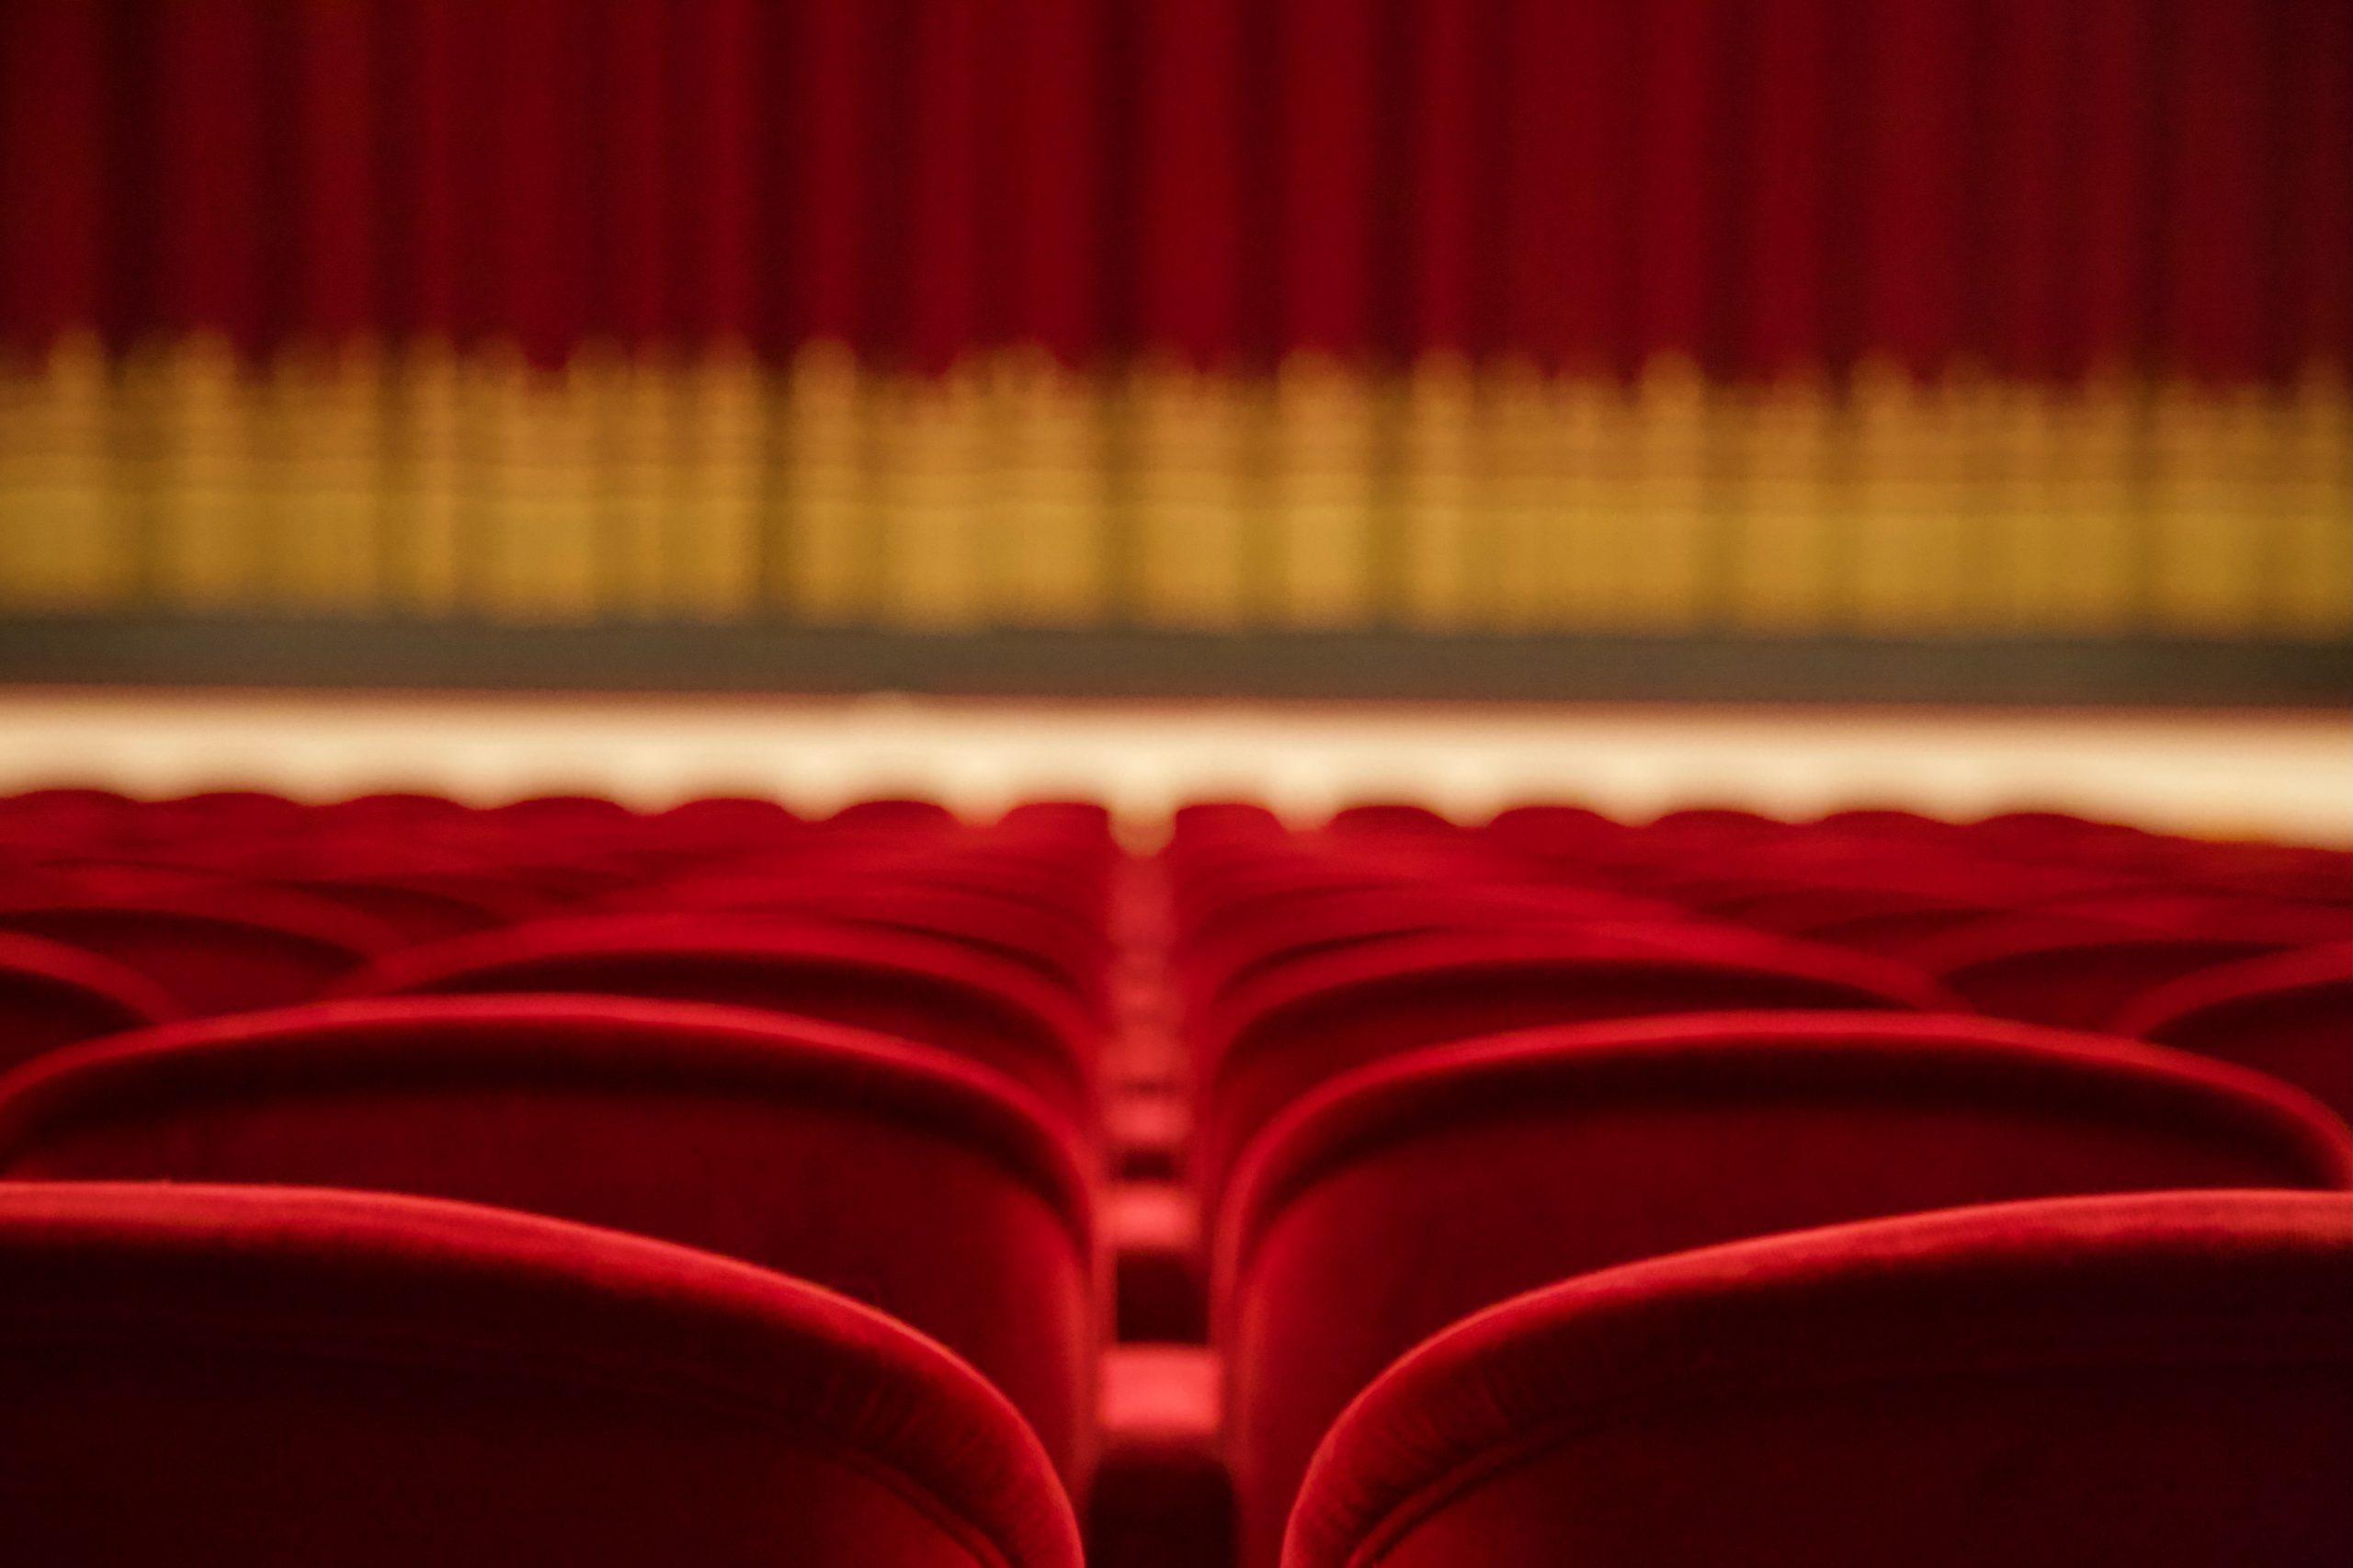 Soutien au secteur culturel : prolongation des conventions-cadres tax shelter